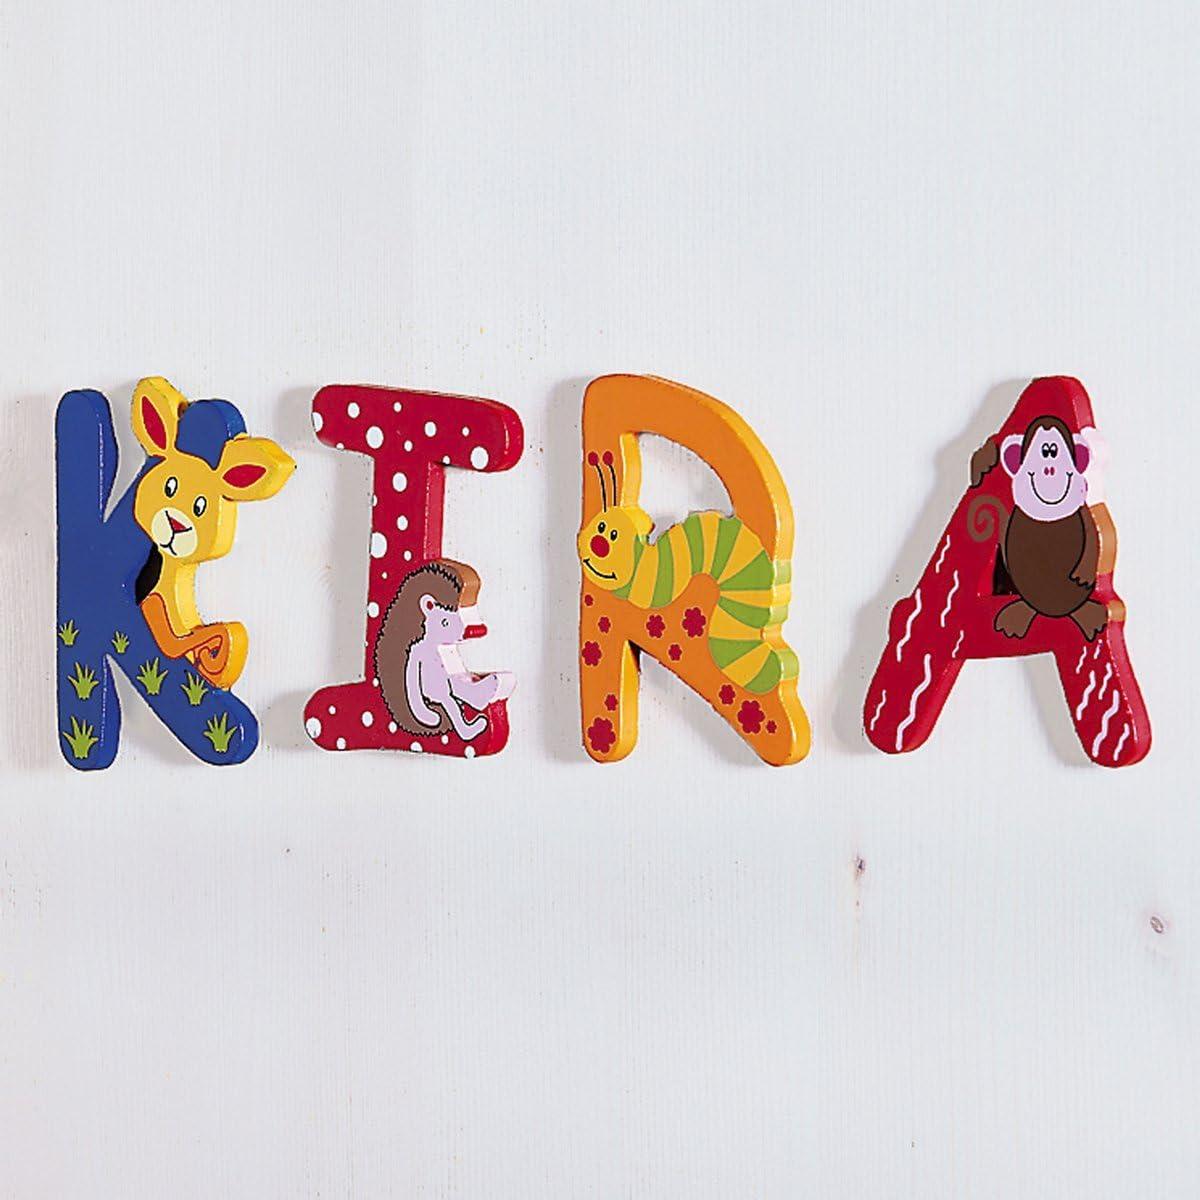 f/ür Kinder ab 3 Jahre farbenfrohe Gestaltung Buchstaben aus Holz f/ür Kinderzimmert/üren solini Holzbuchstaben mit Tiermotiven Mehrfarbig